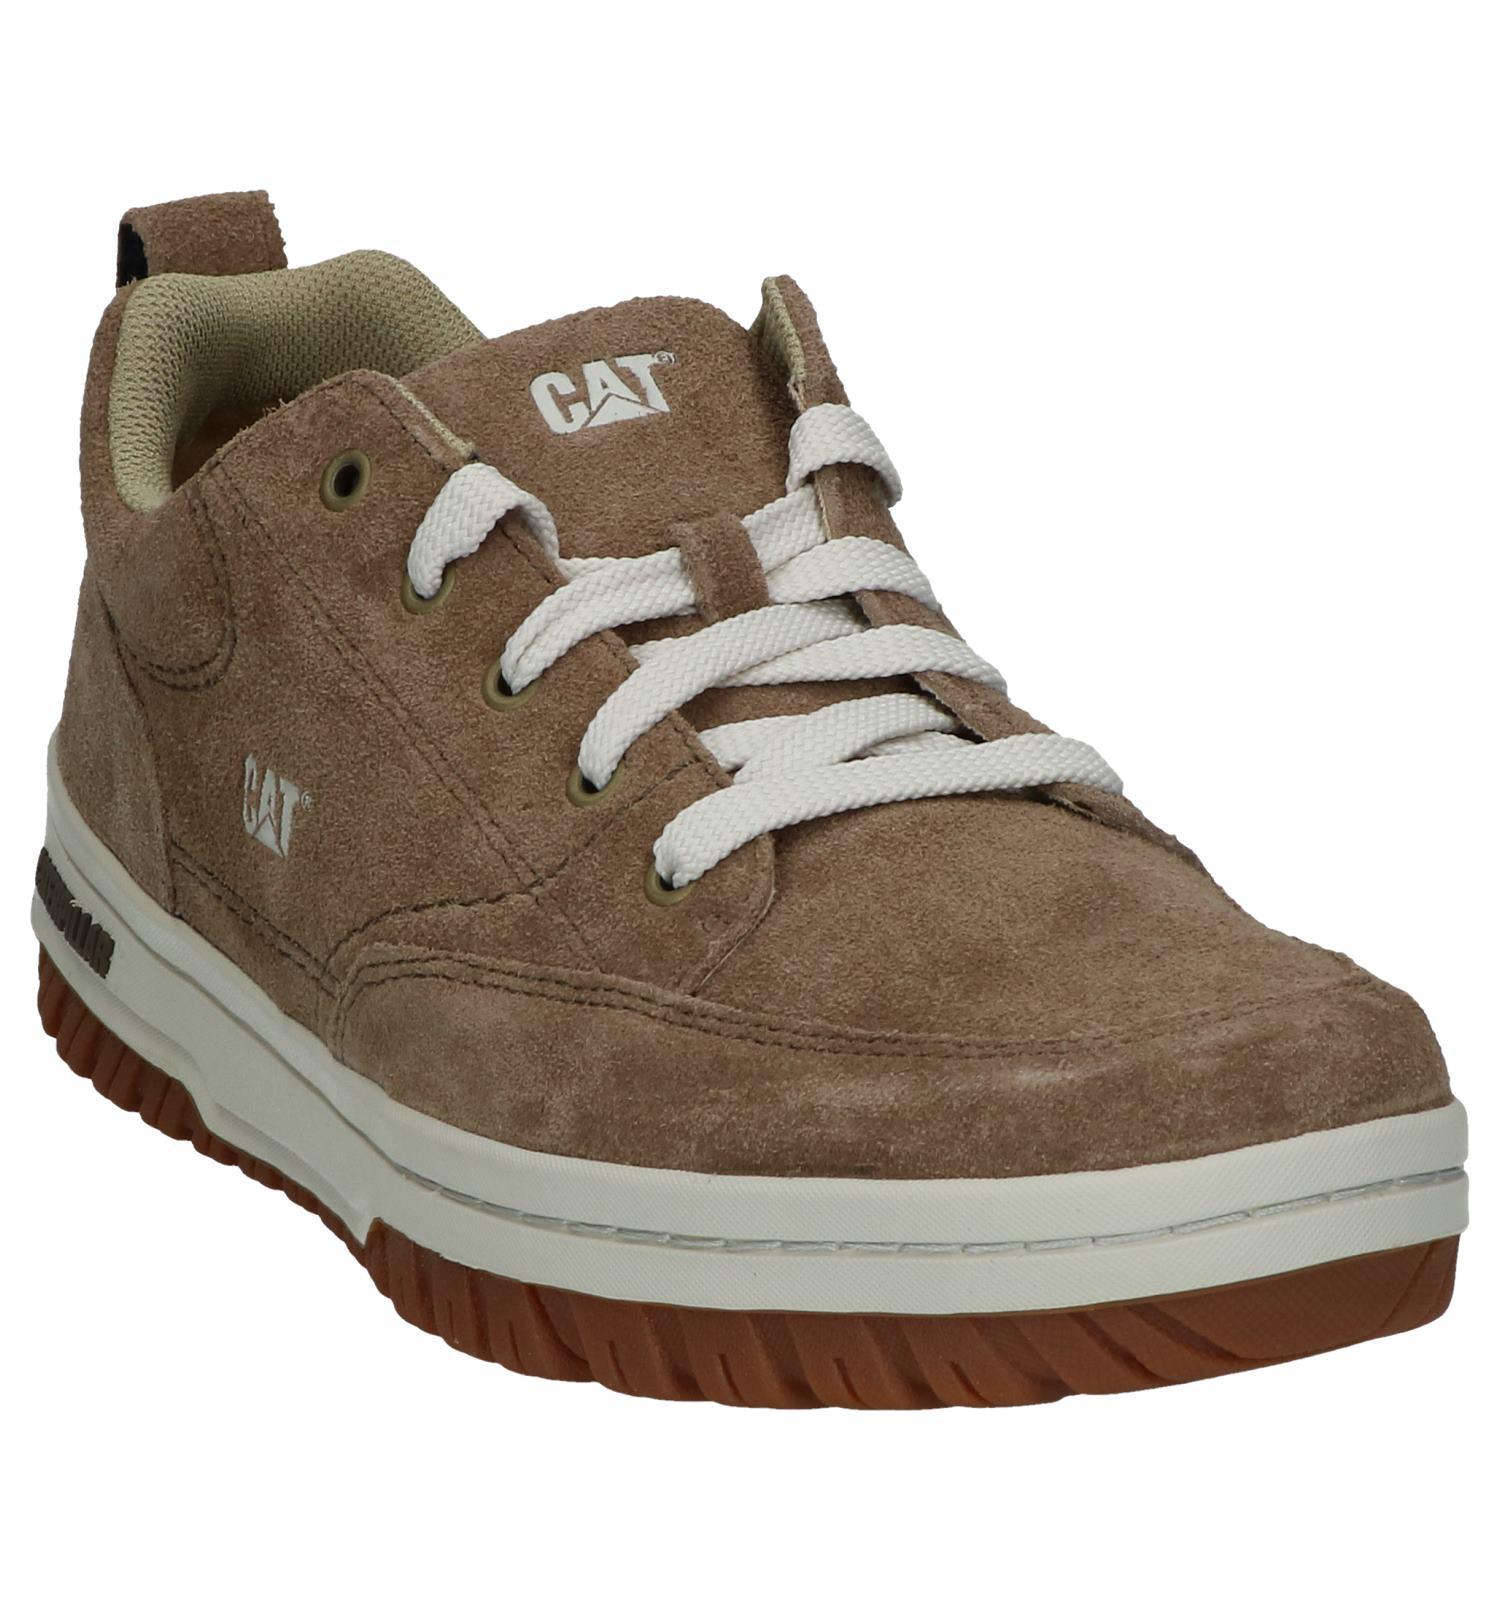 Chaussures be Caterpillar Livraison Et BassesmarronTorfs QdChrtsx